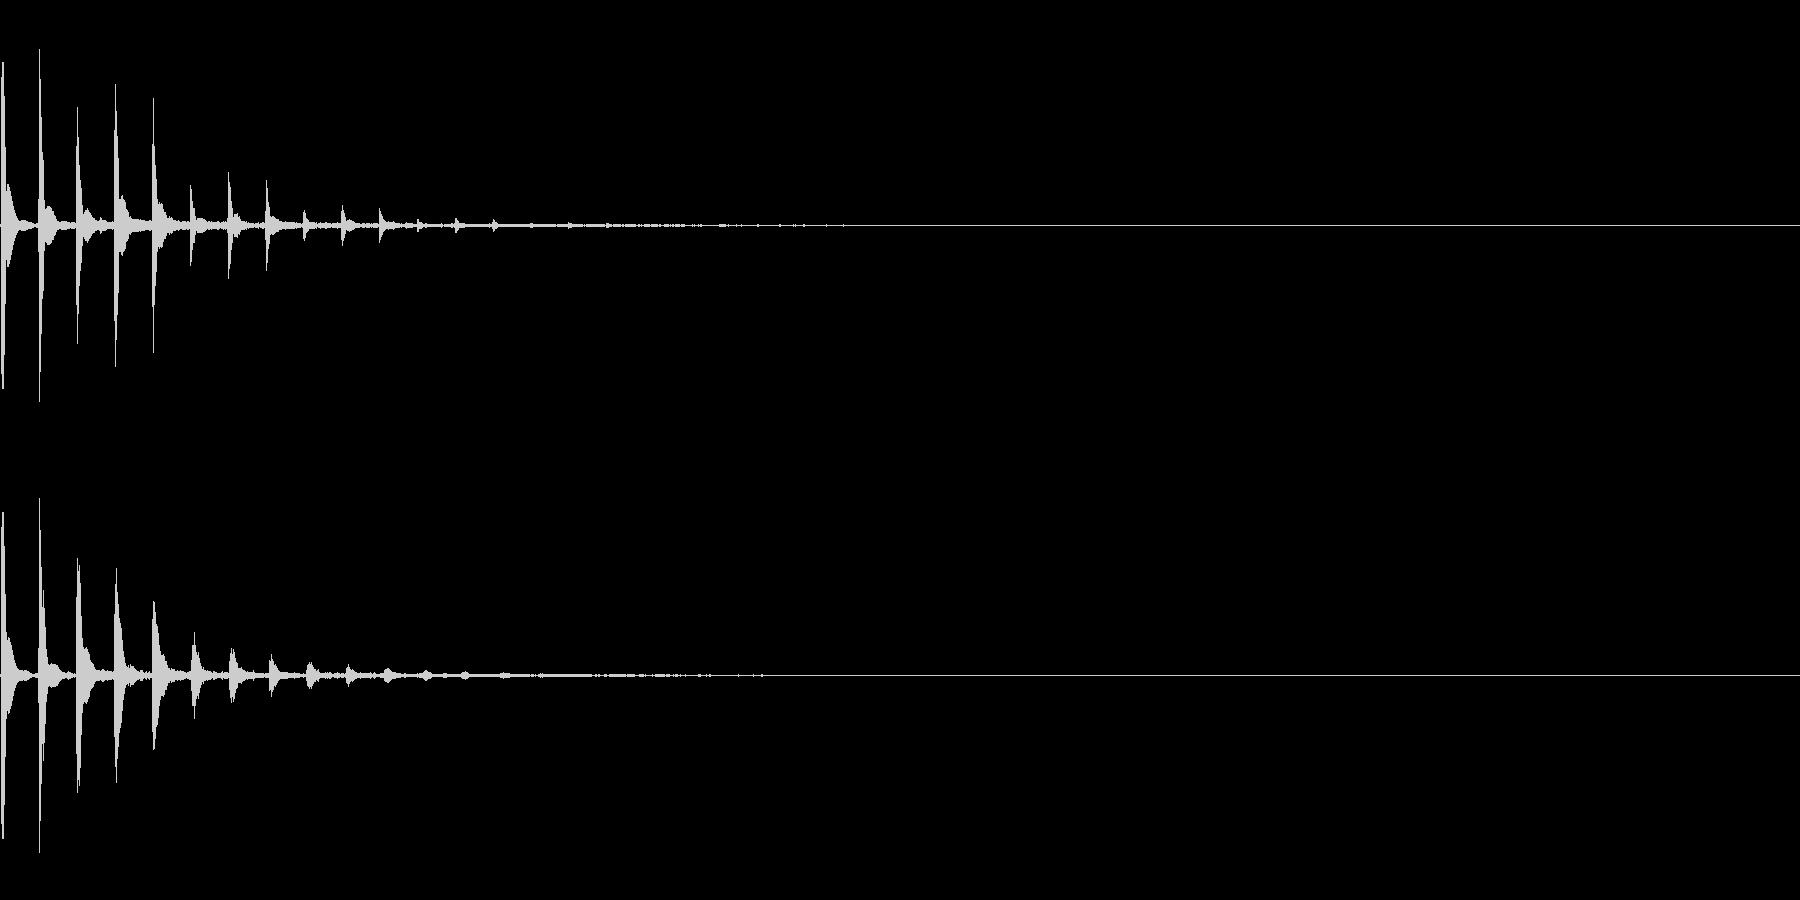 めくる 注釈 決定 ピコン 次へ の未再生の波形